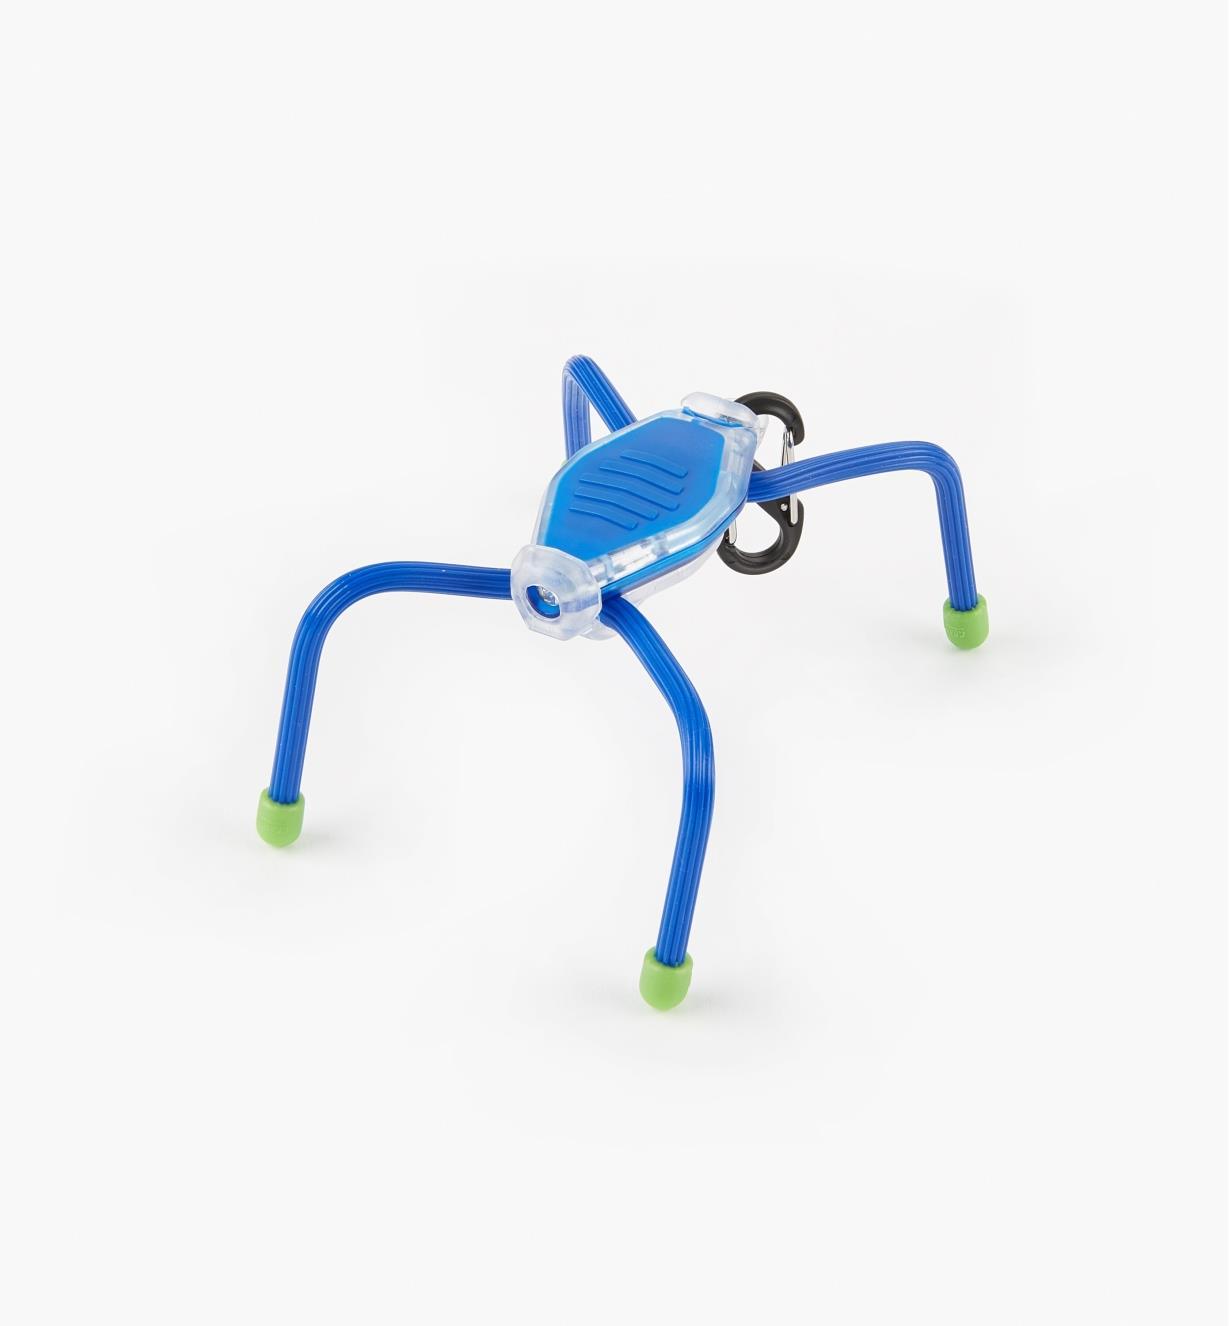 68K0676 - Blue BugLit LED Micro-Light